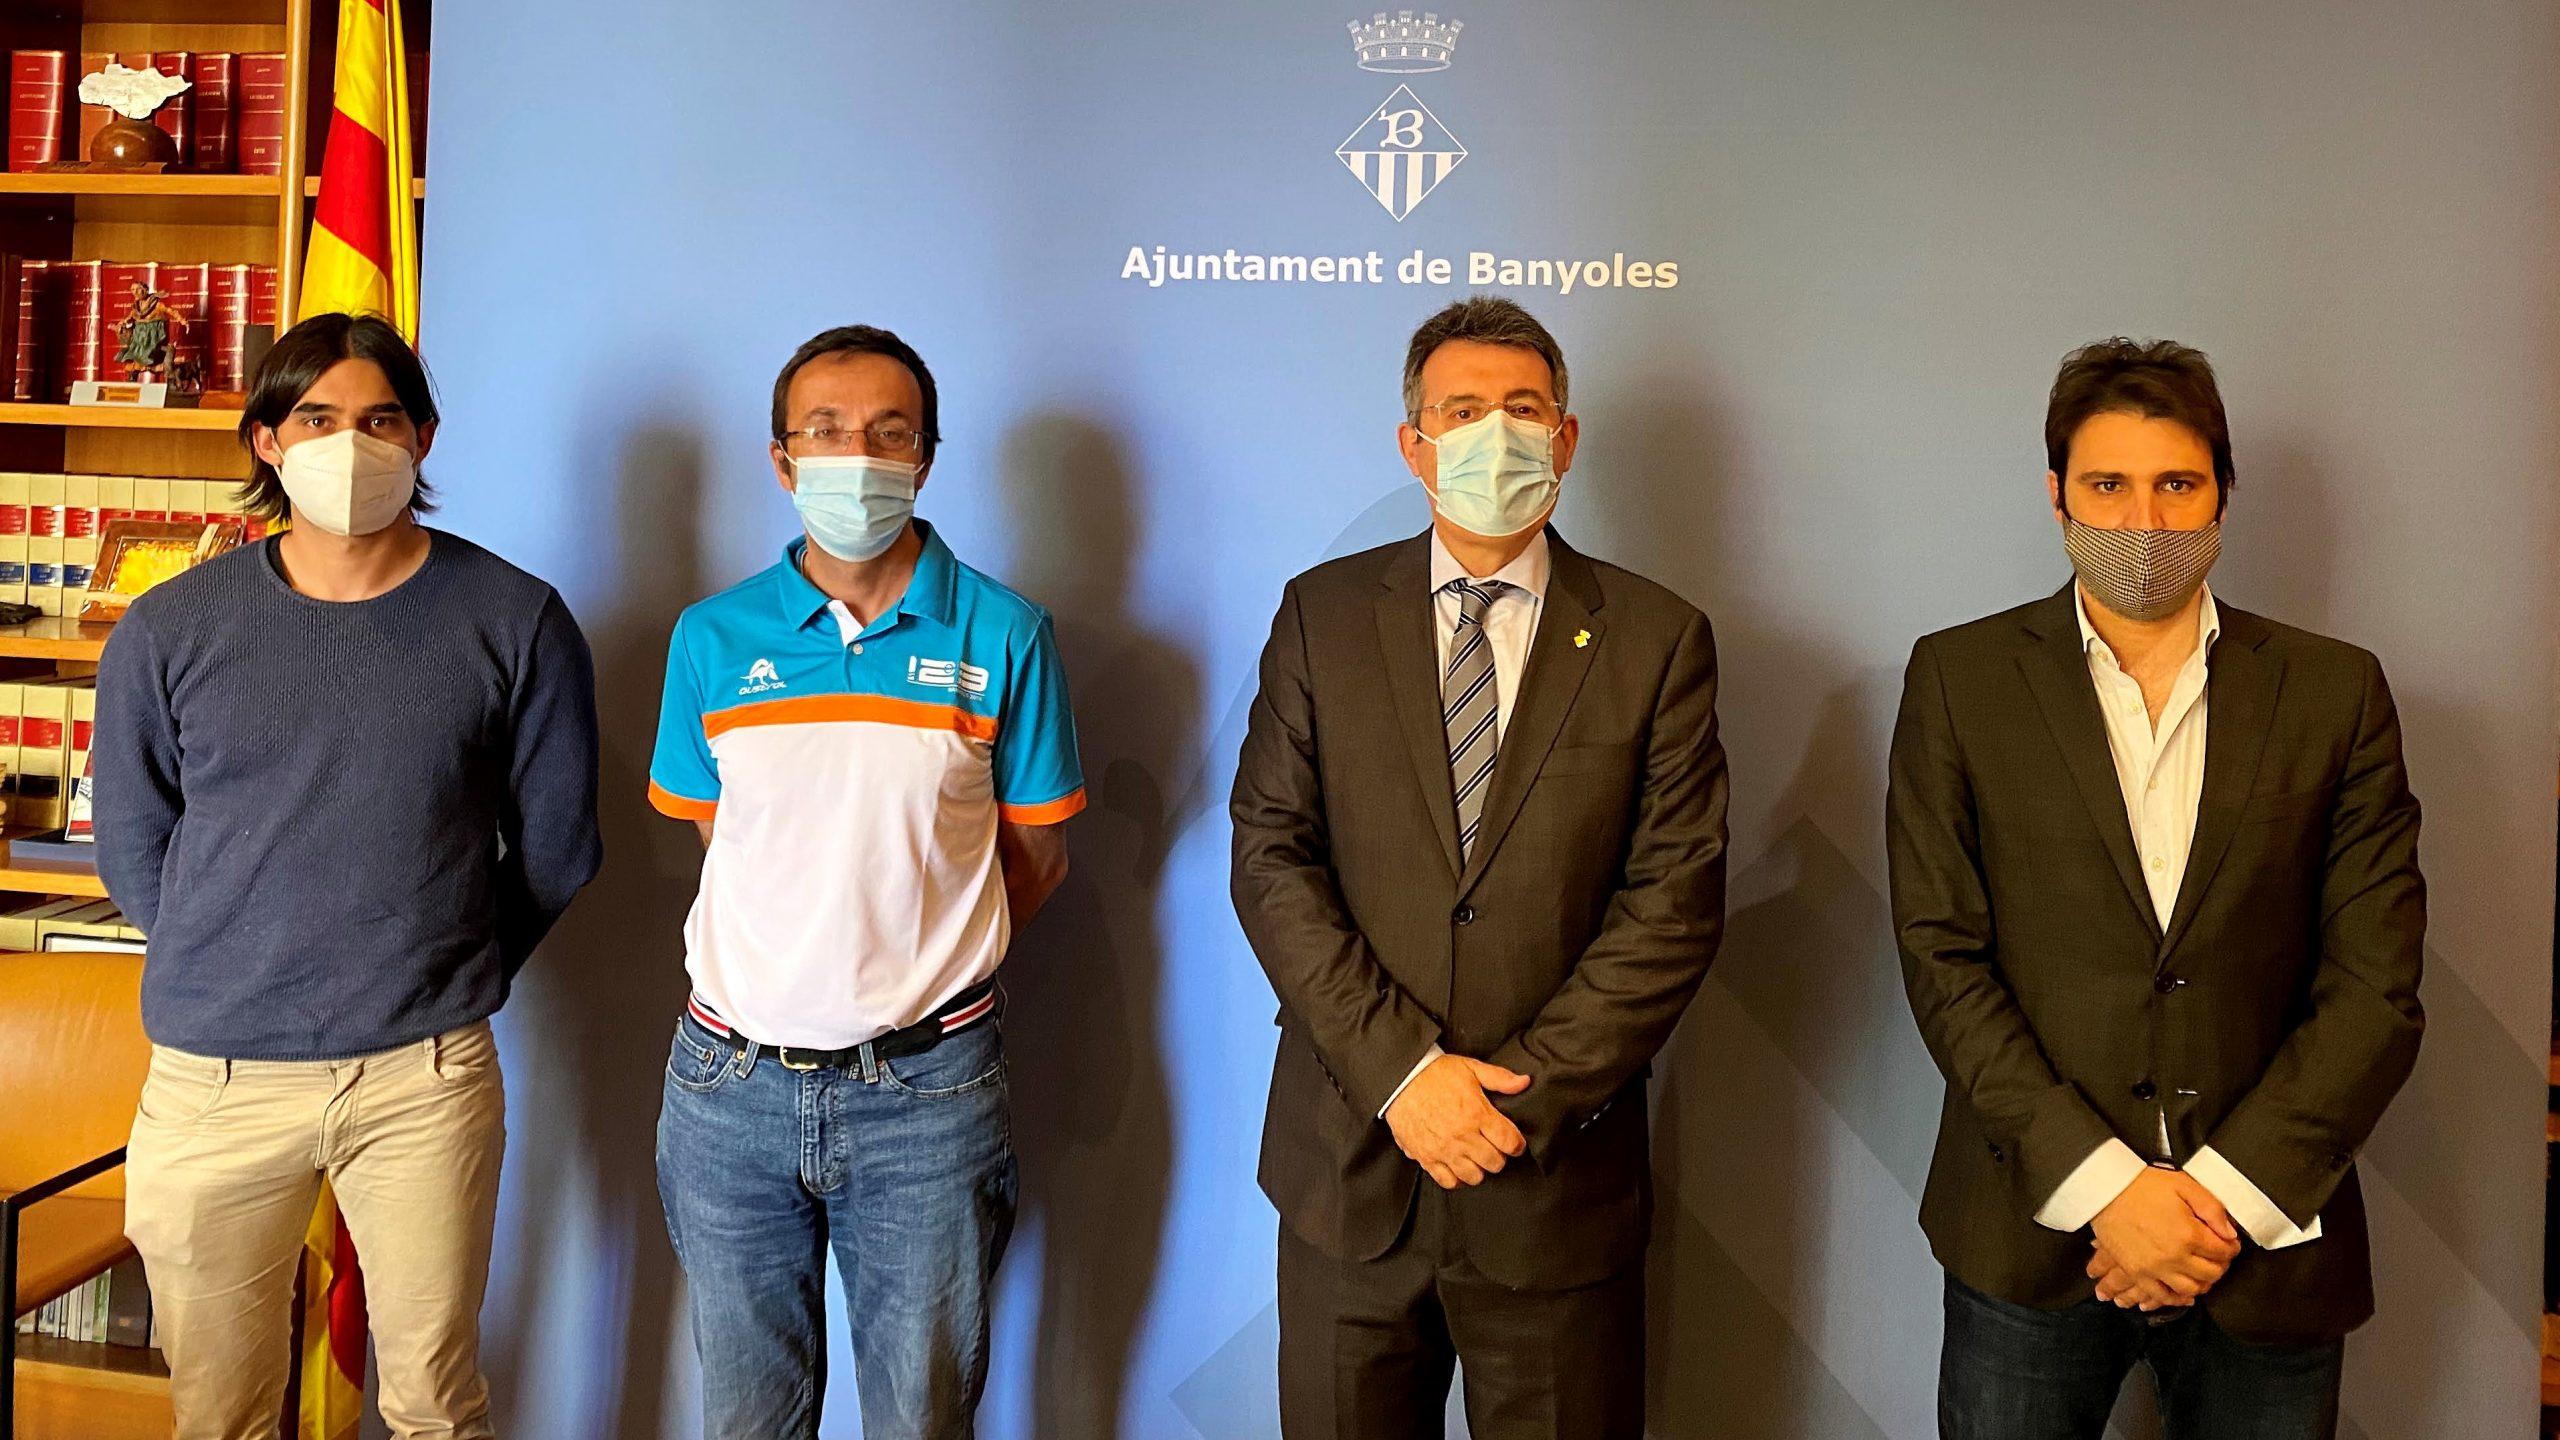 Banyoles preparada para acoger la Copa de Europa Junior y el Campeonato de España de Triatlón